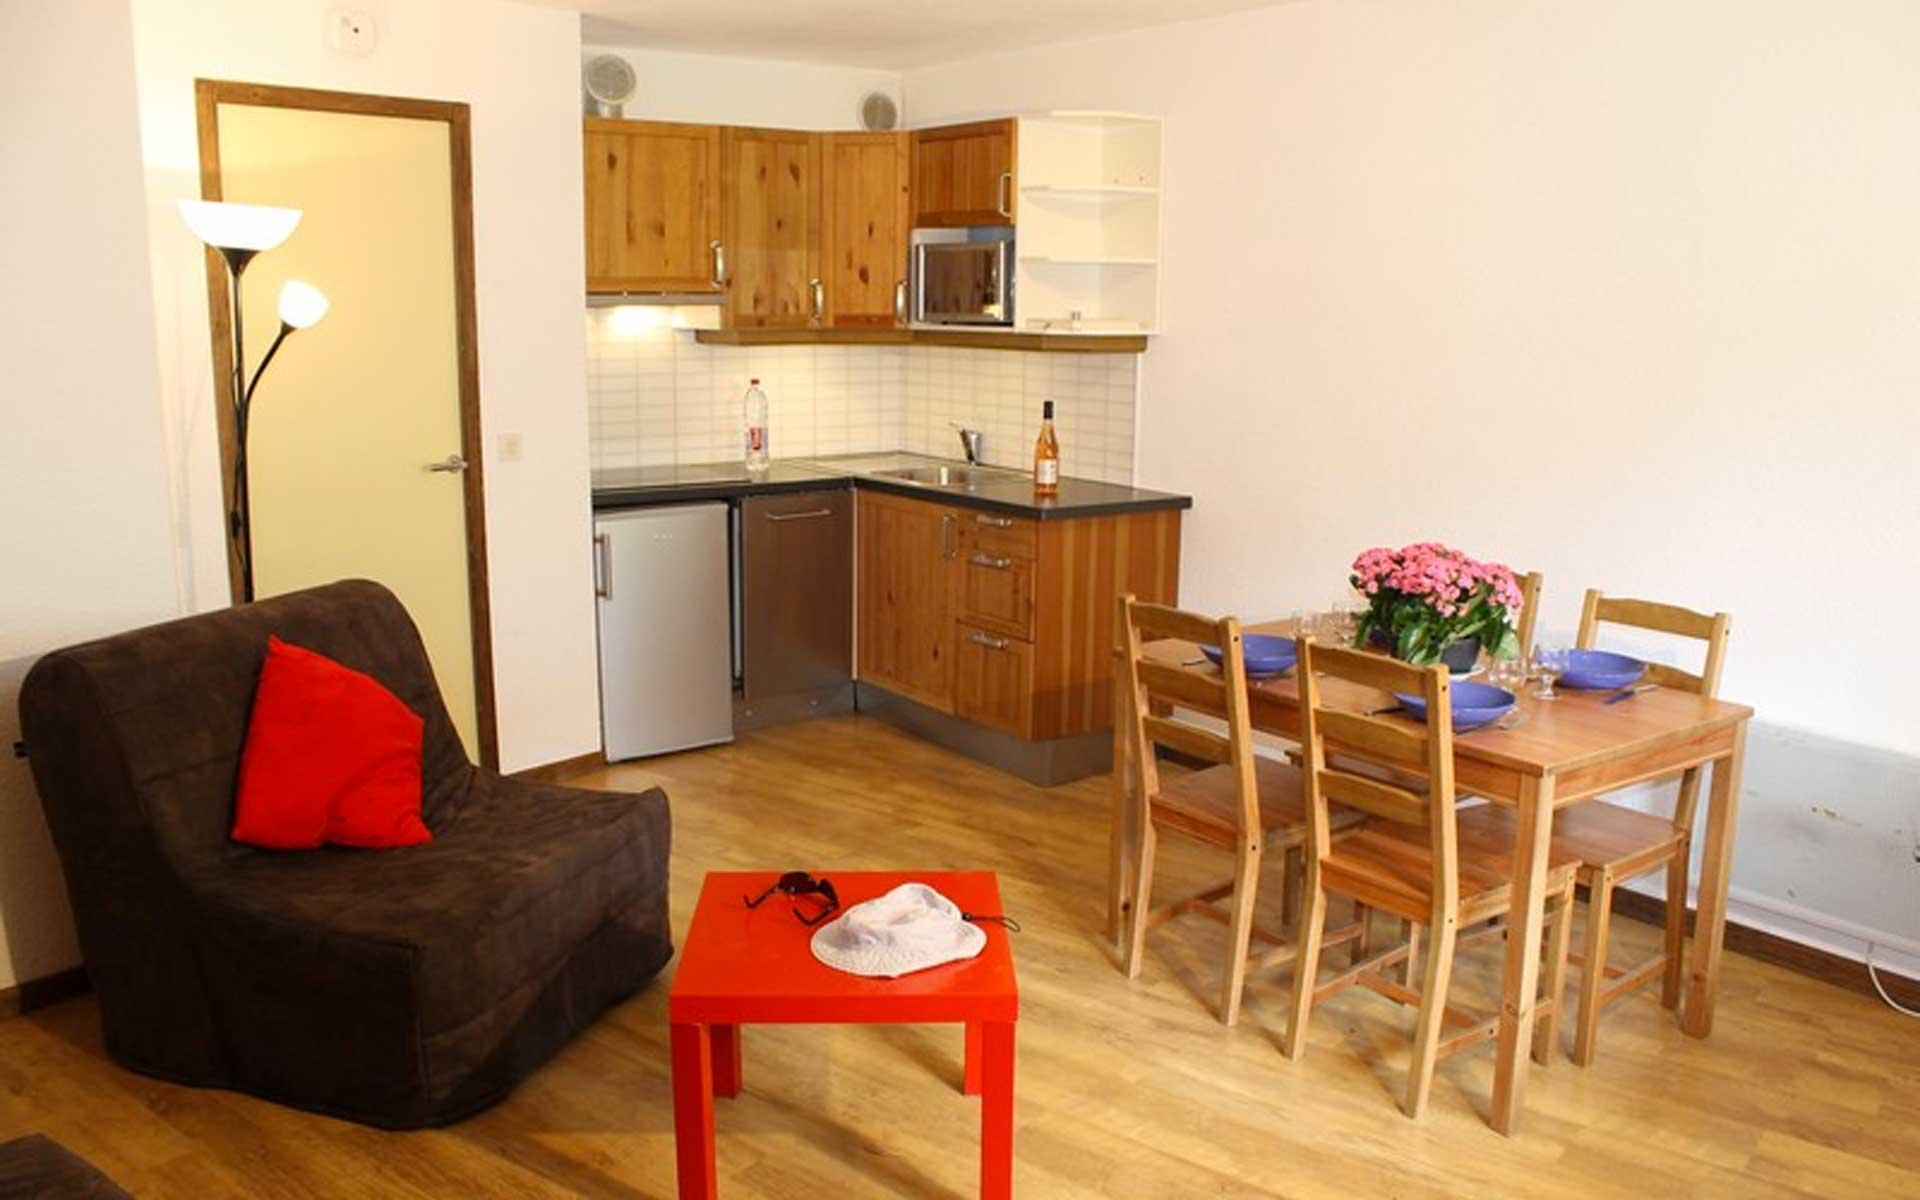 apparatement7-les-cles-blanches-conciergerie-maintenance-location-appartements